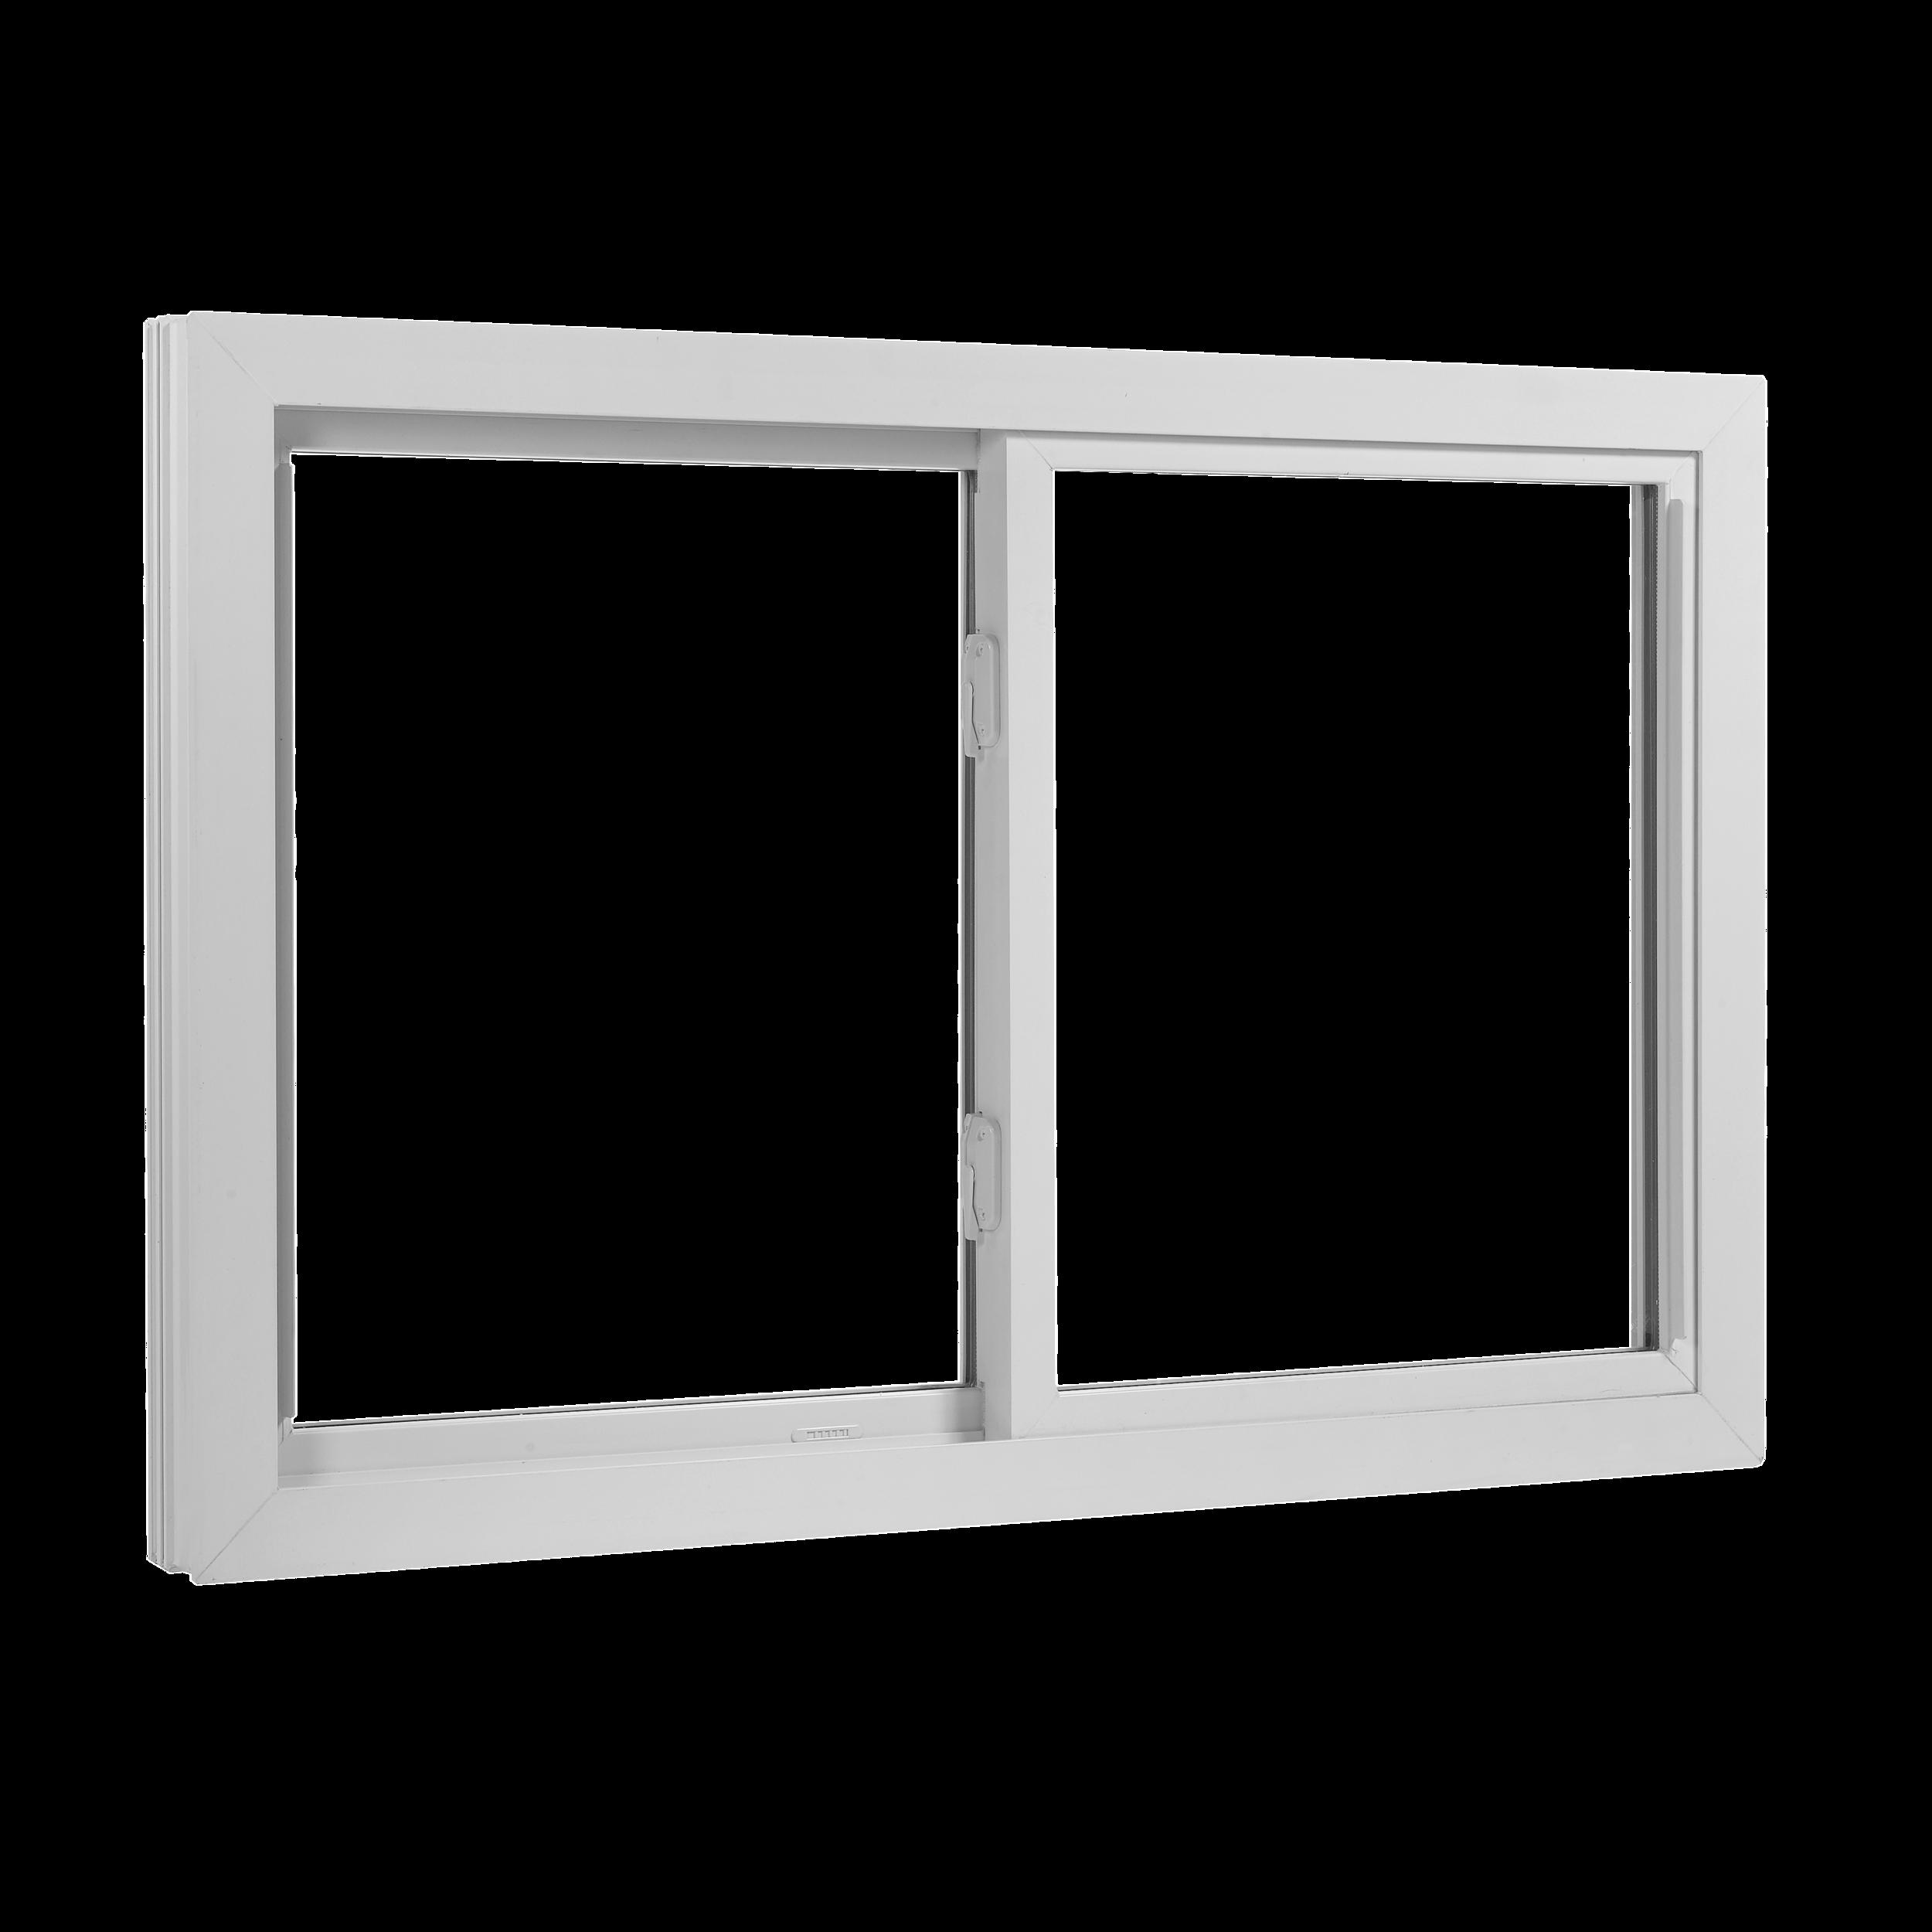 Wallside Windows Double Sliding Window